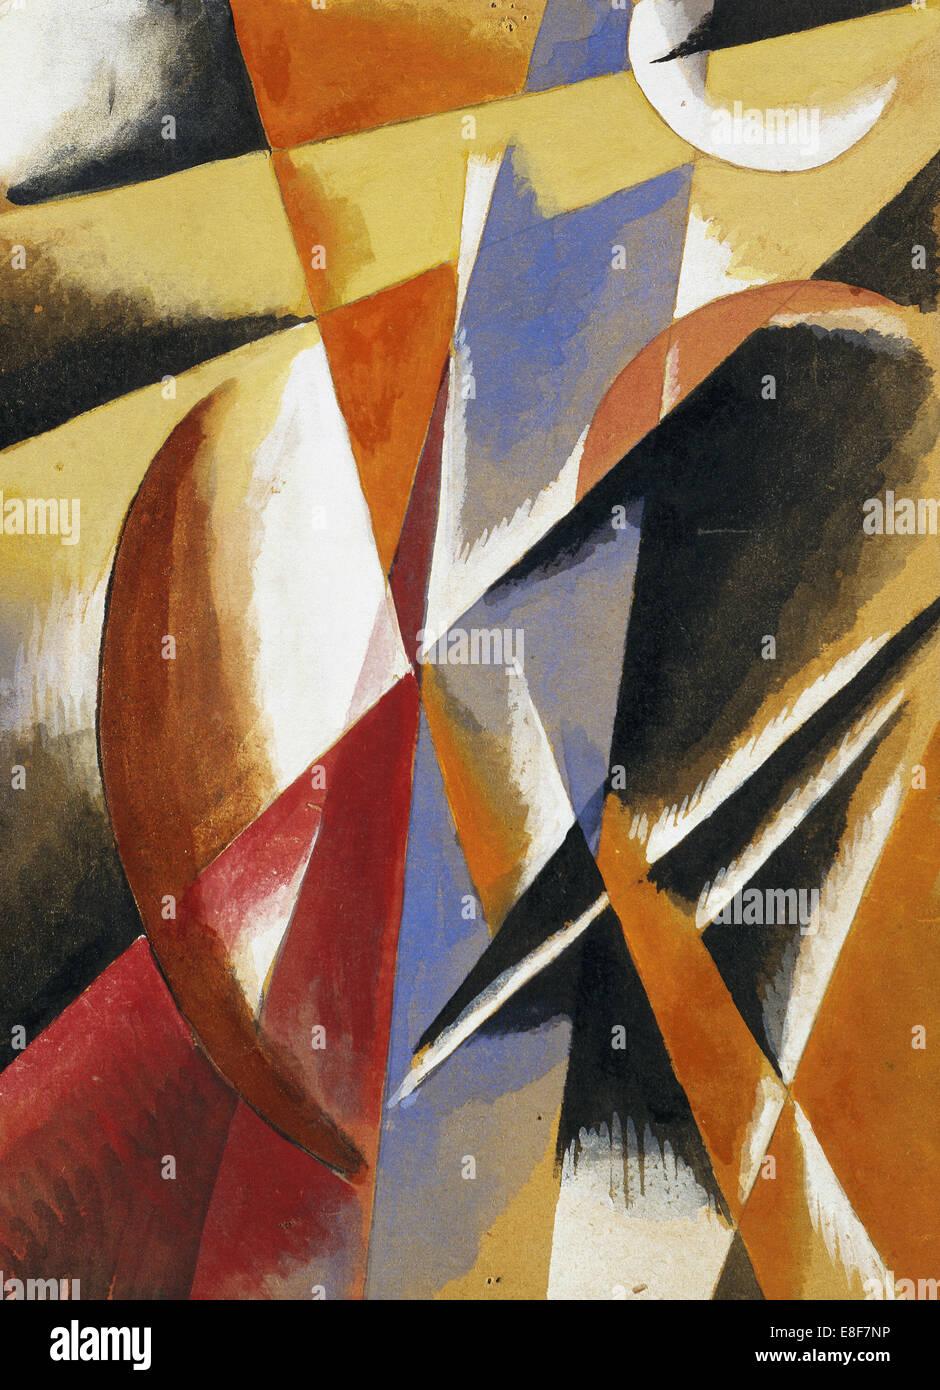 Composition. Artist: Popova, Lyubov Sergeyevna (1889-1924) - Stock Image